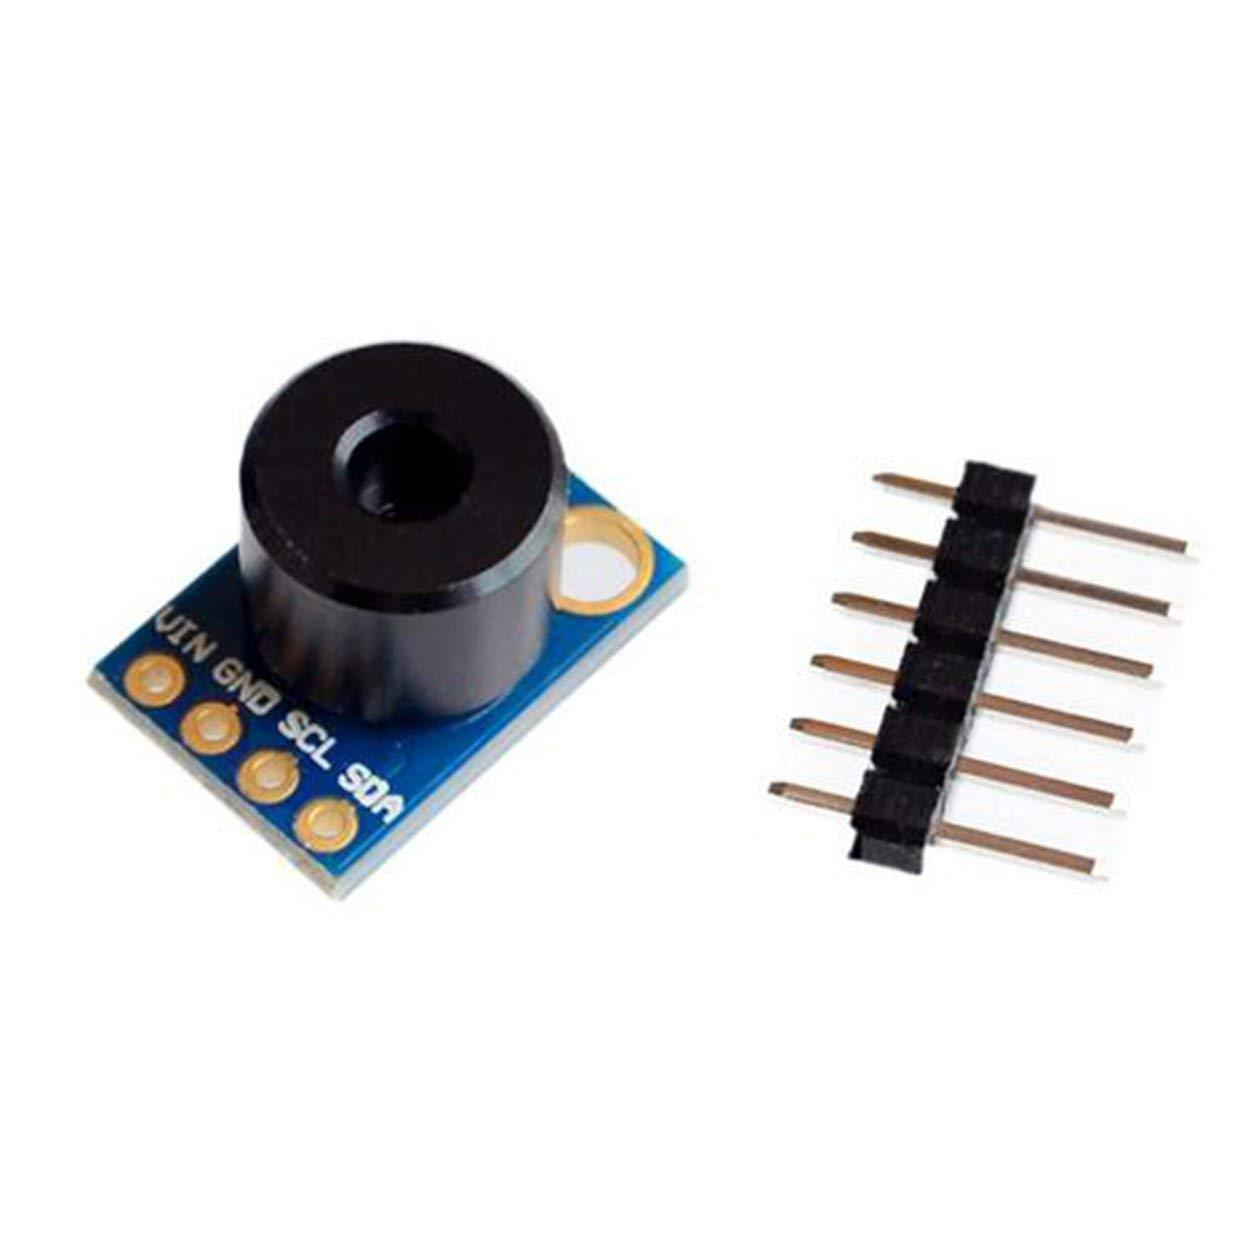 Tree-on-Life Capteur num/érique GY-BME280-5V SPI I2C Module de capteur de temp/érature dhumidit/é et de Pression barom/étrique 1.8-5V DC Haute pr/écision